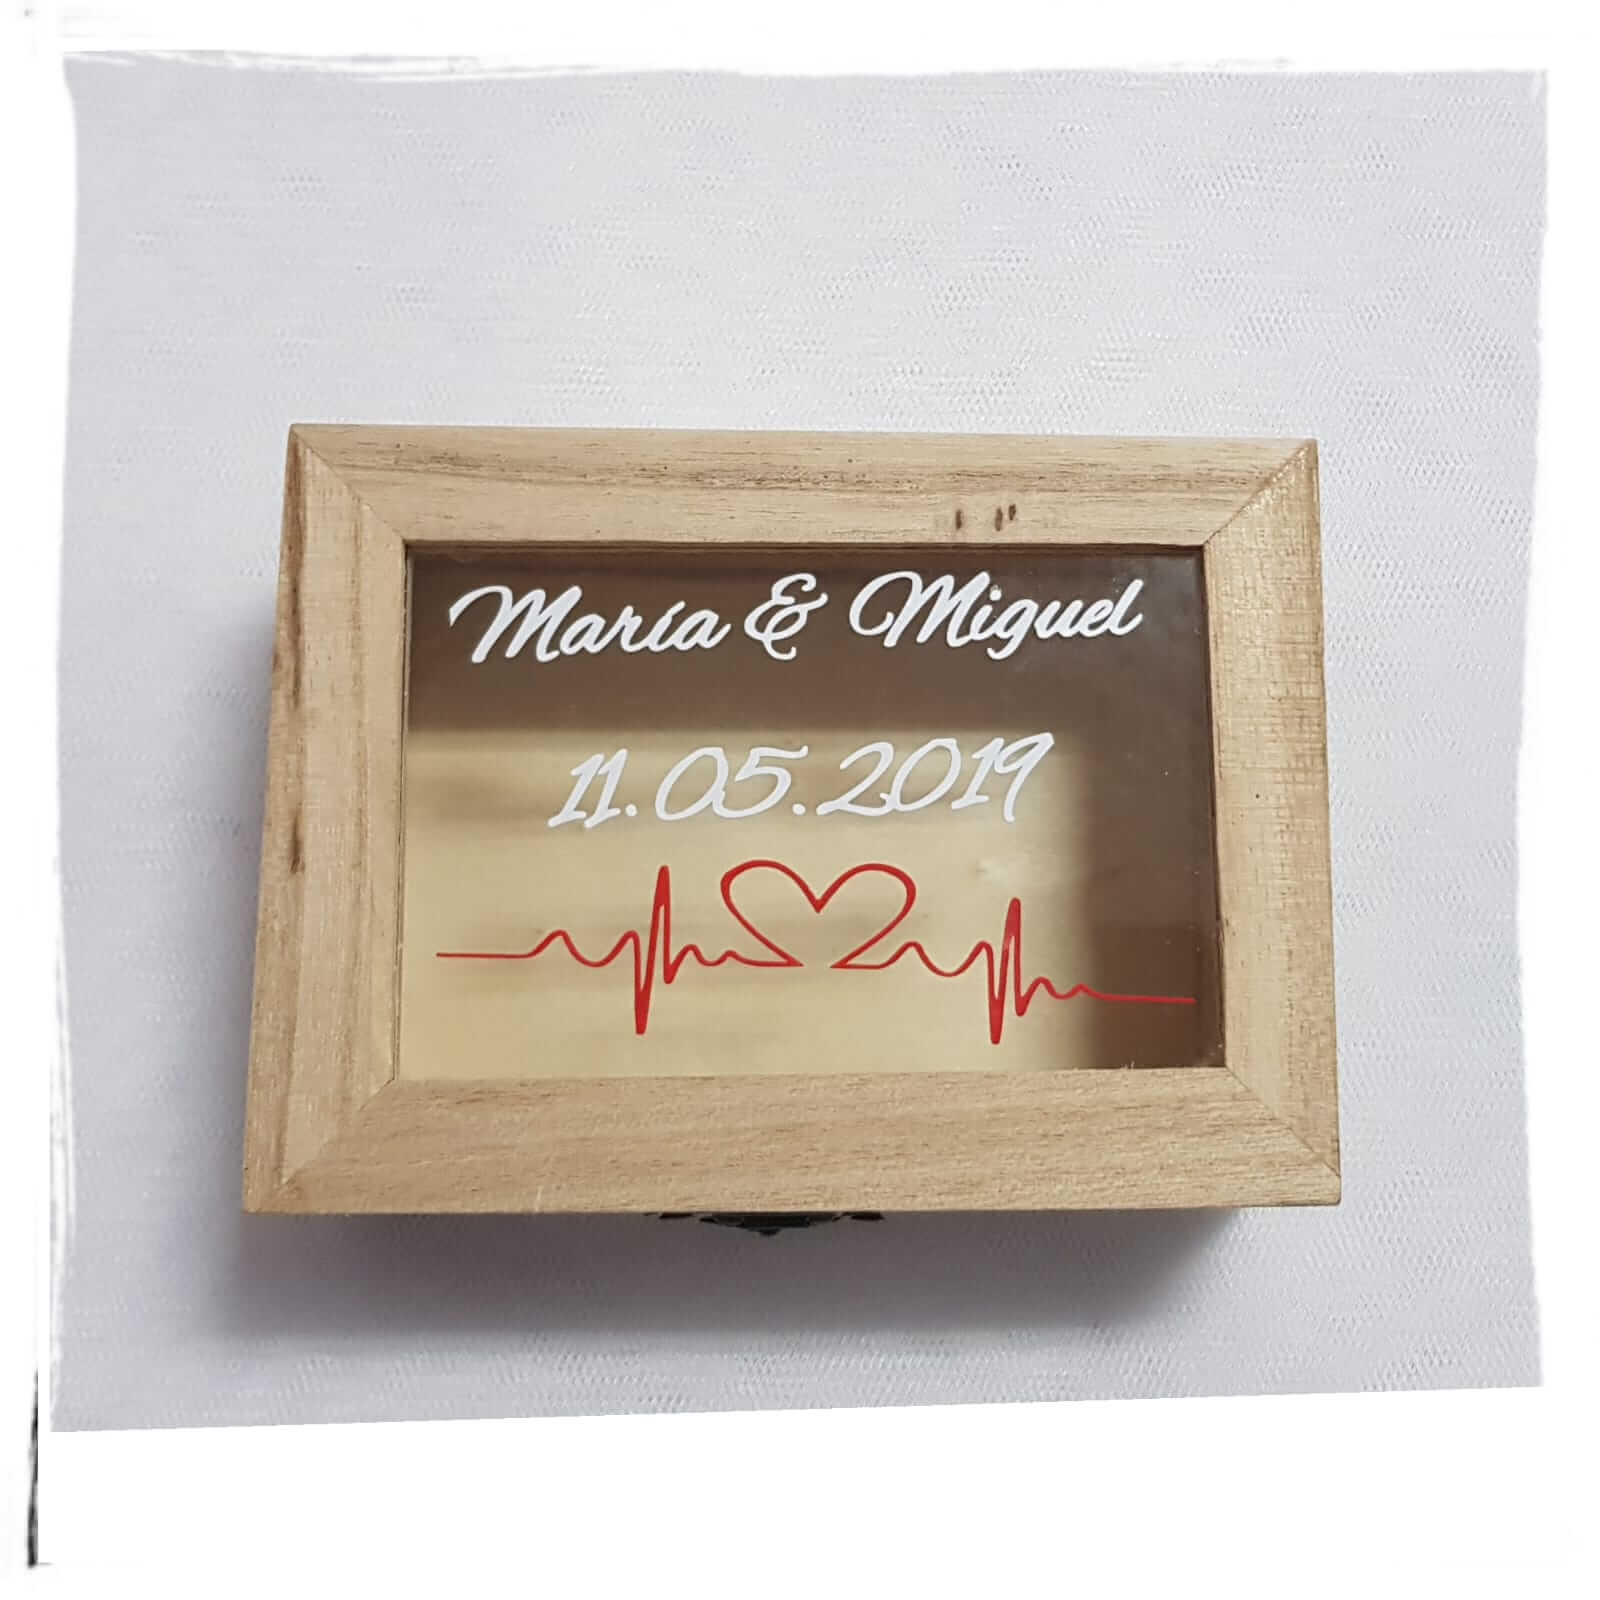 cajas de madera para arras cajas de madera para arras - Cajas de madera para arras - Cajas de madera para arras – Caja para arras